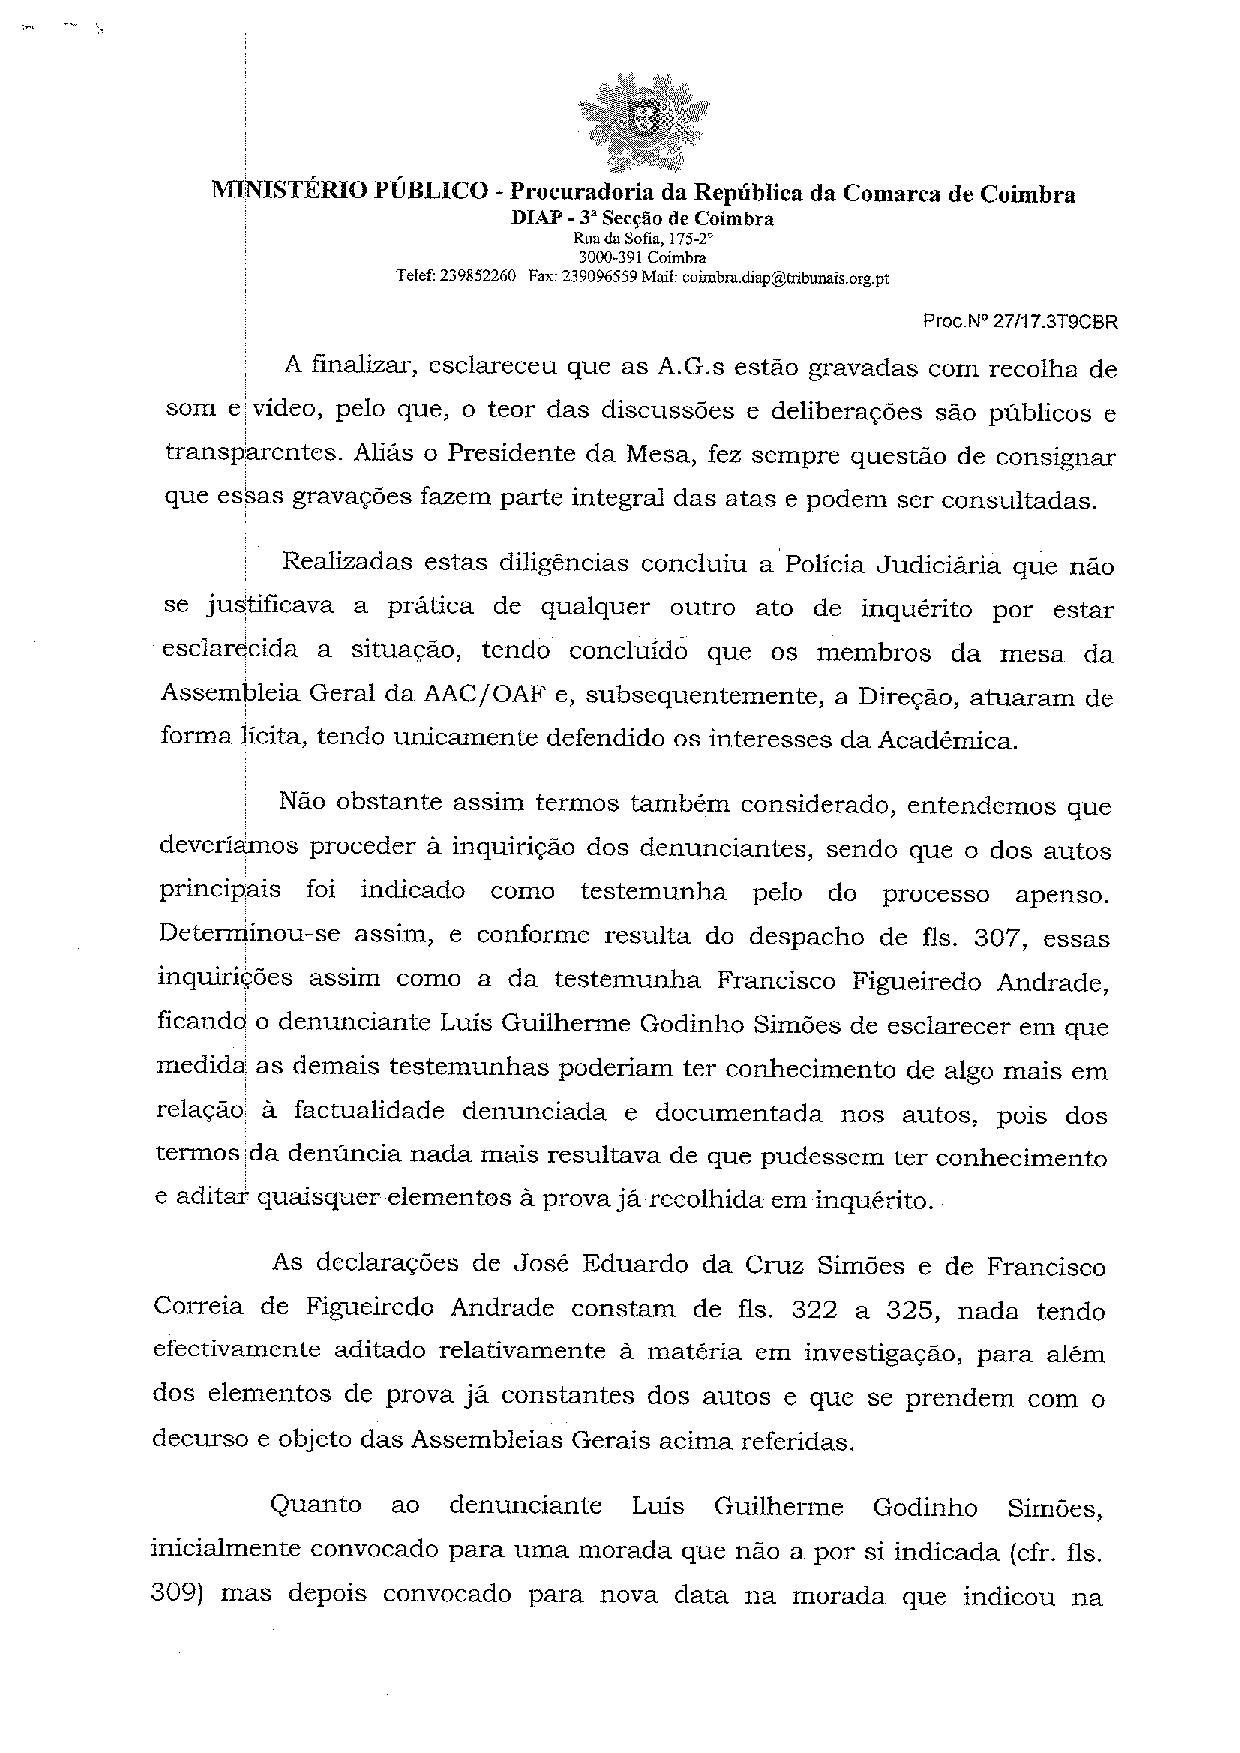 ACA-page-024